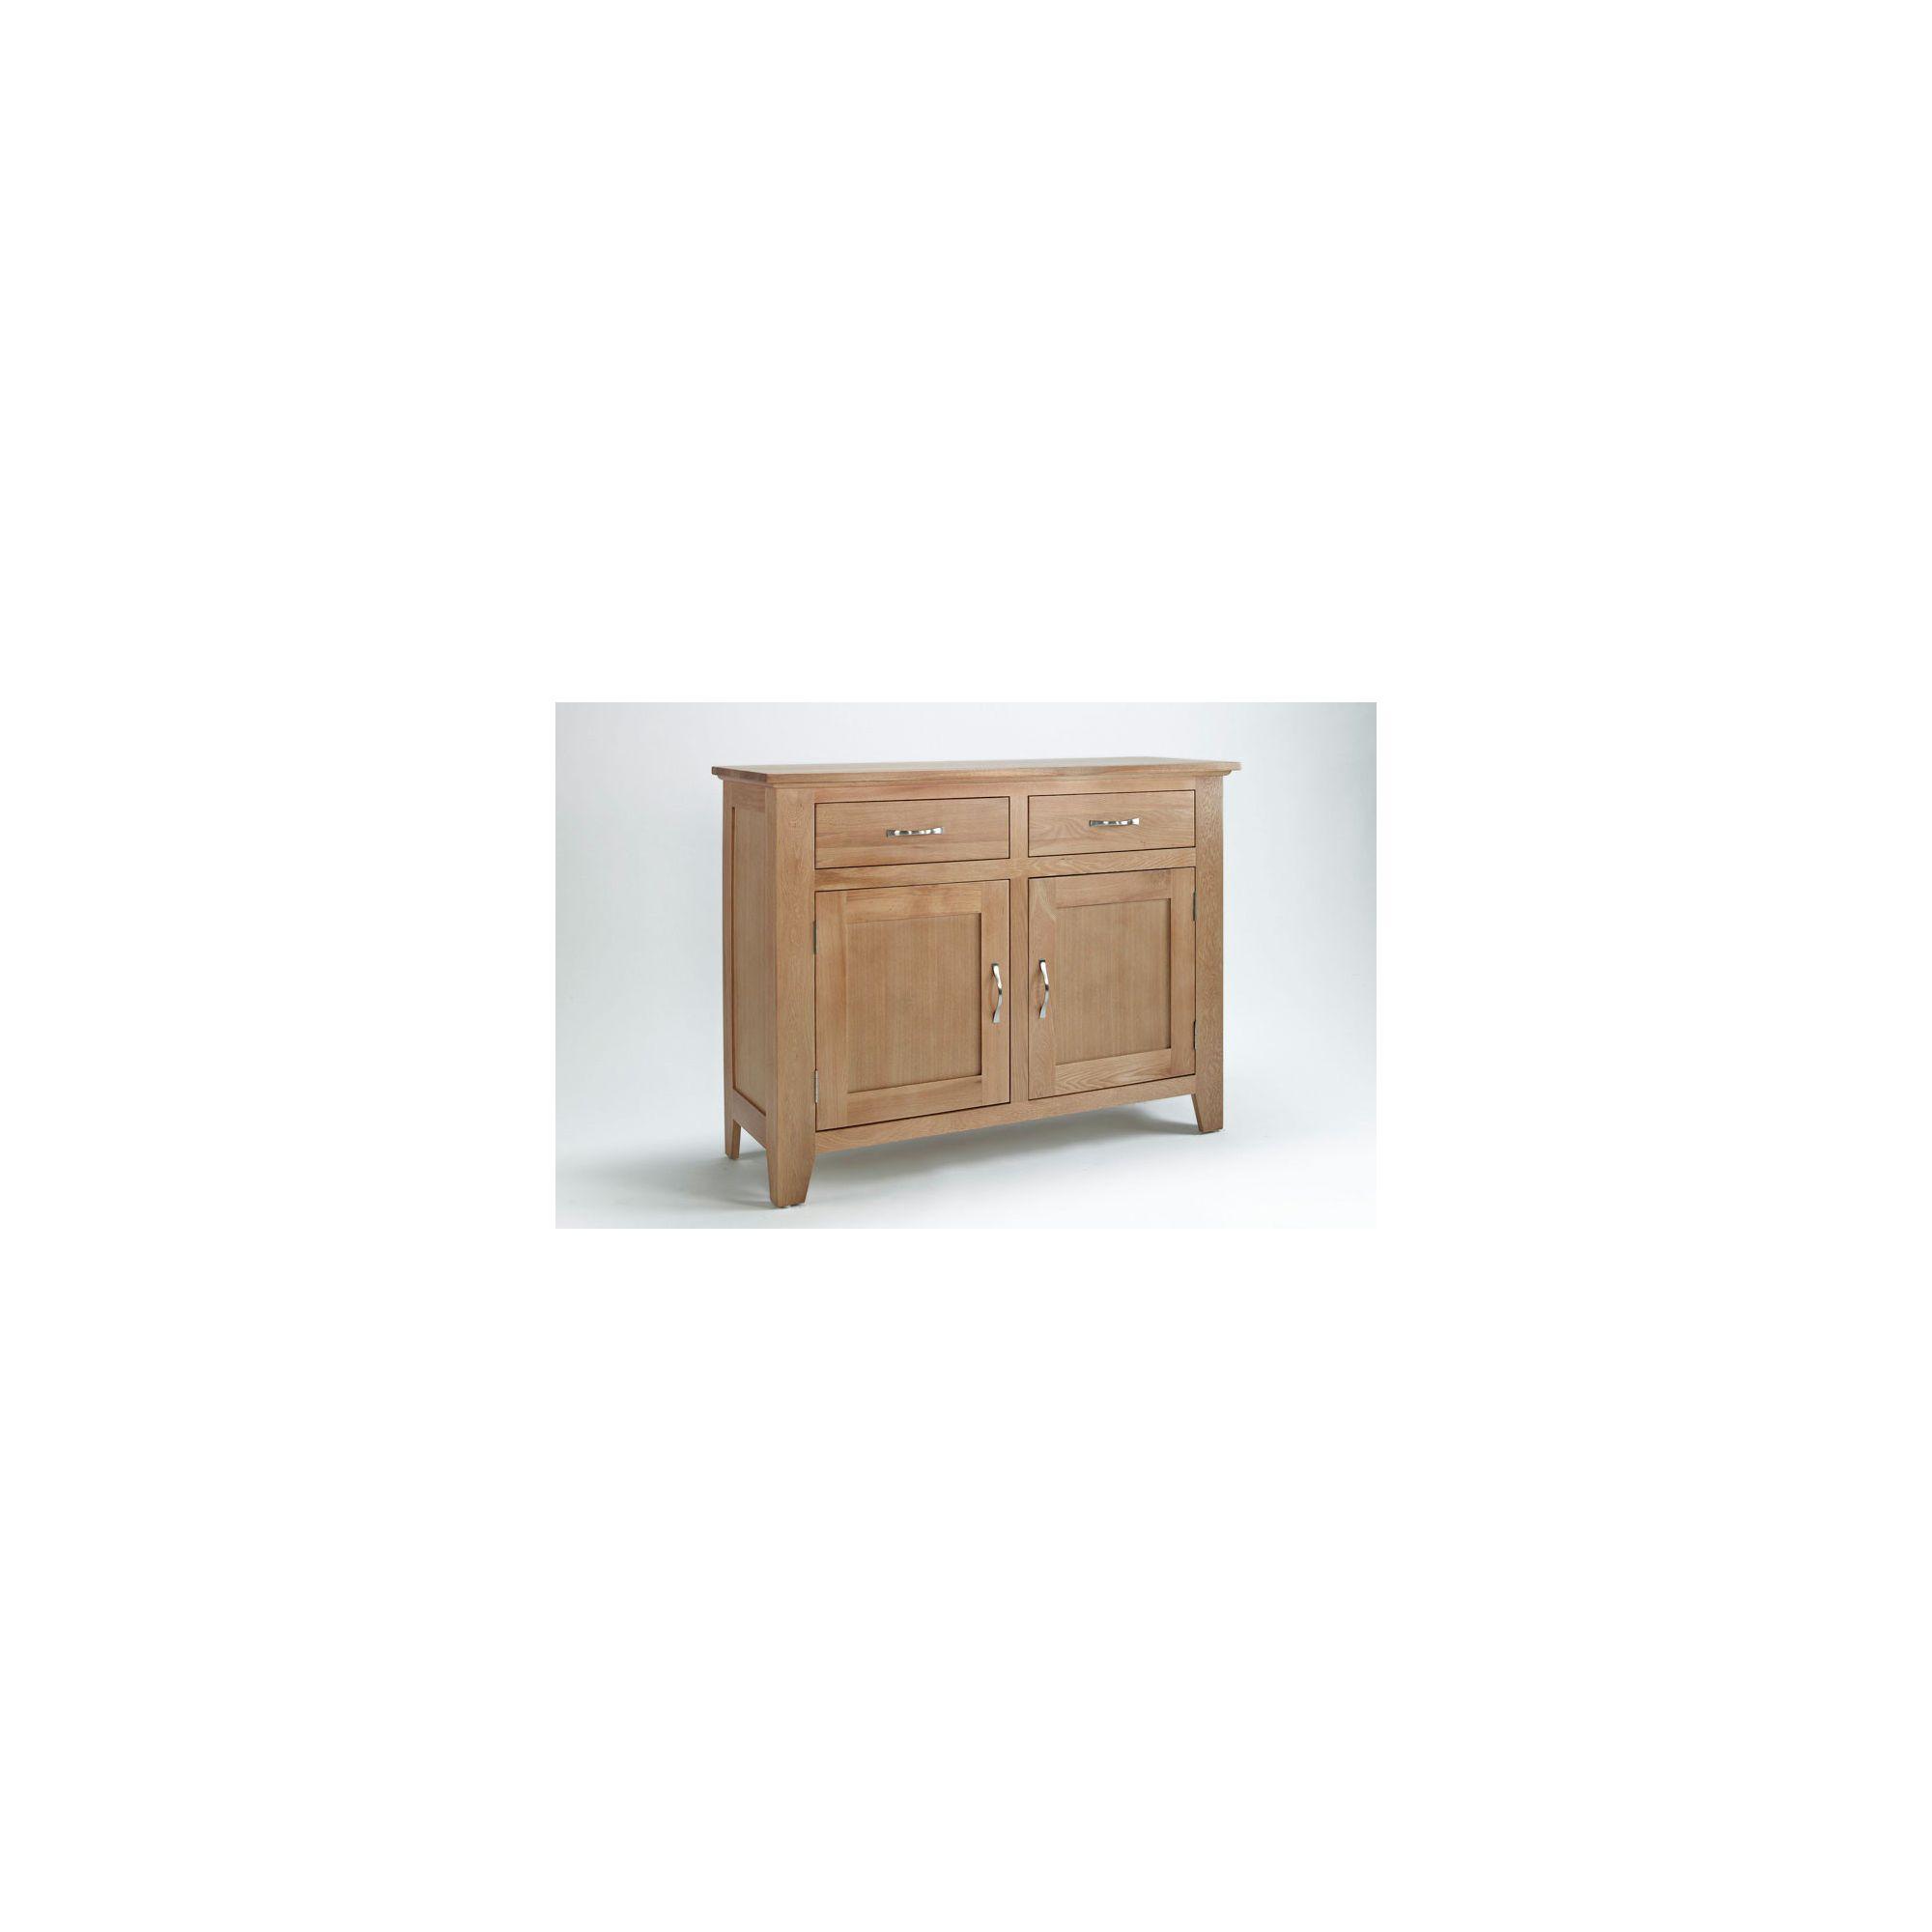 Ametis Sherwood Oak Two Drawer Sideboard at Tesco Direct